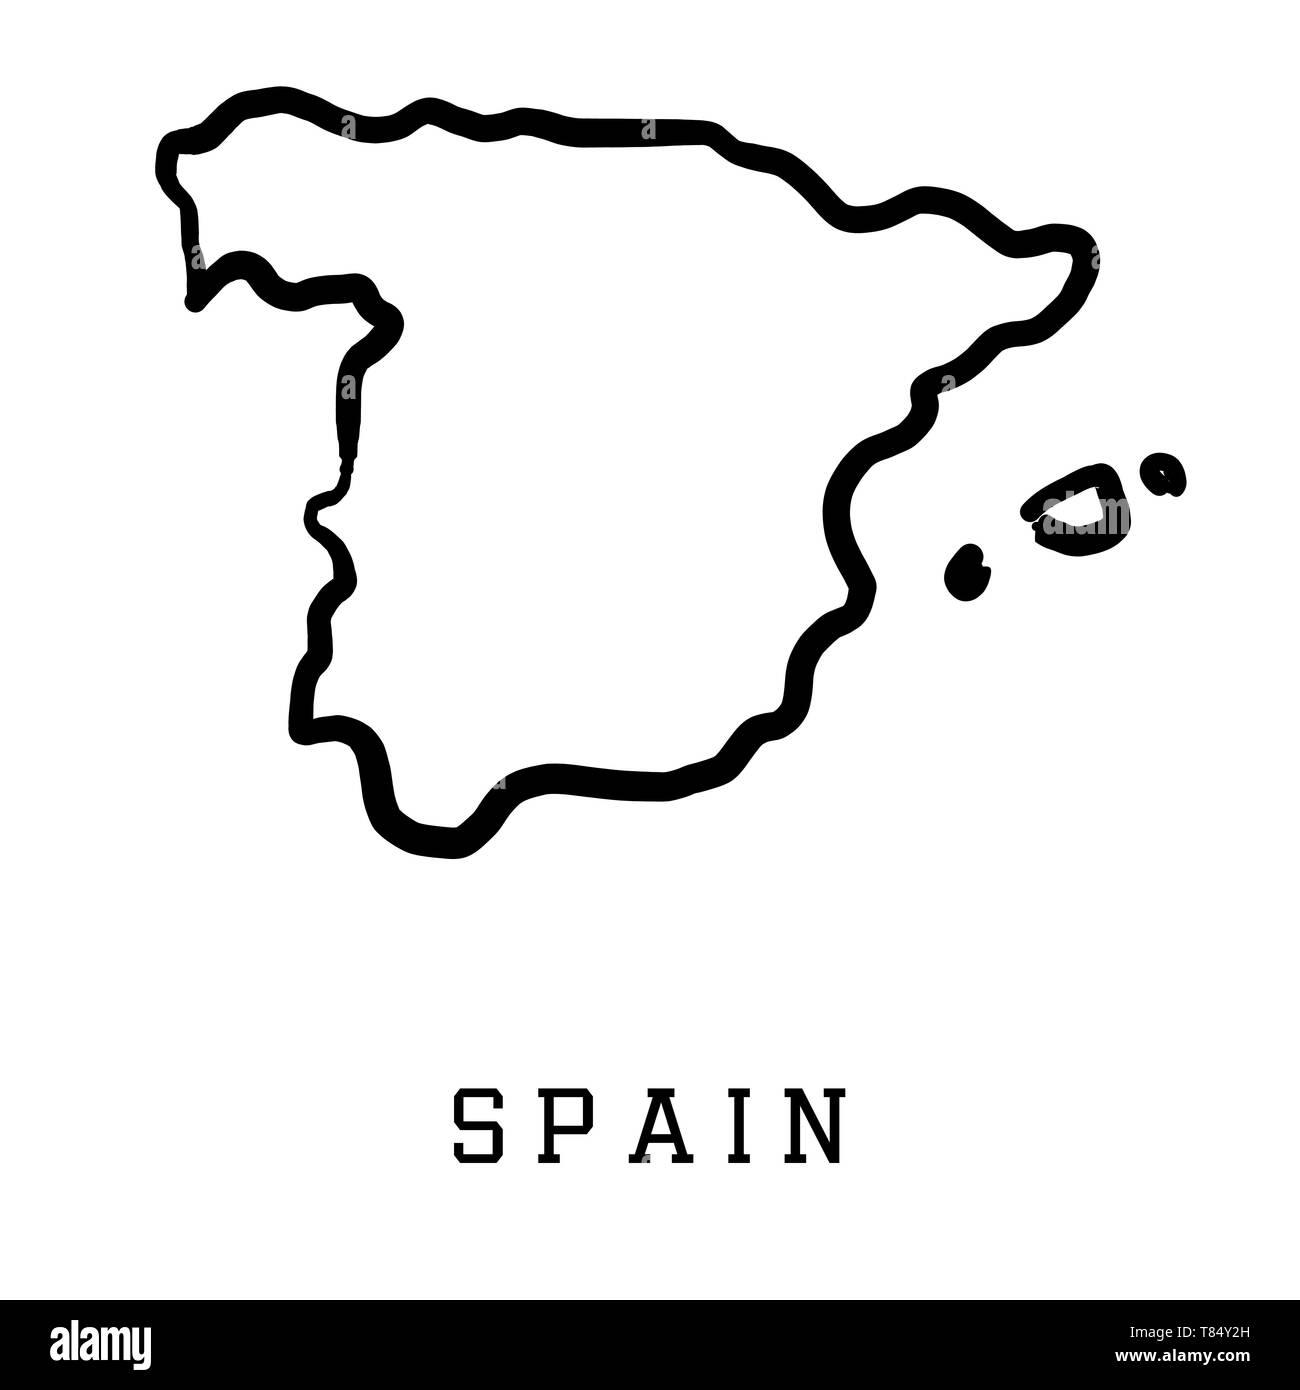 Silueta Mapa De España Png.Spain Map Cut Out Stock Images Pictures Alamy